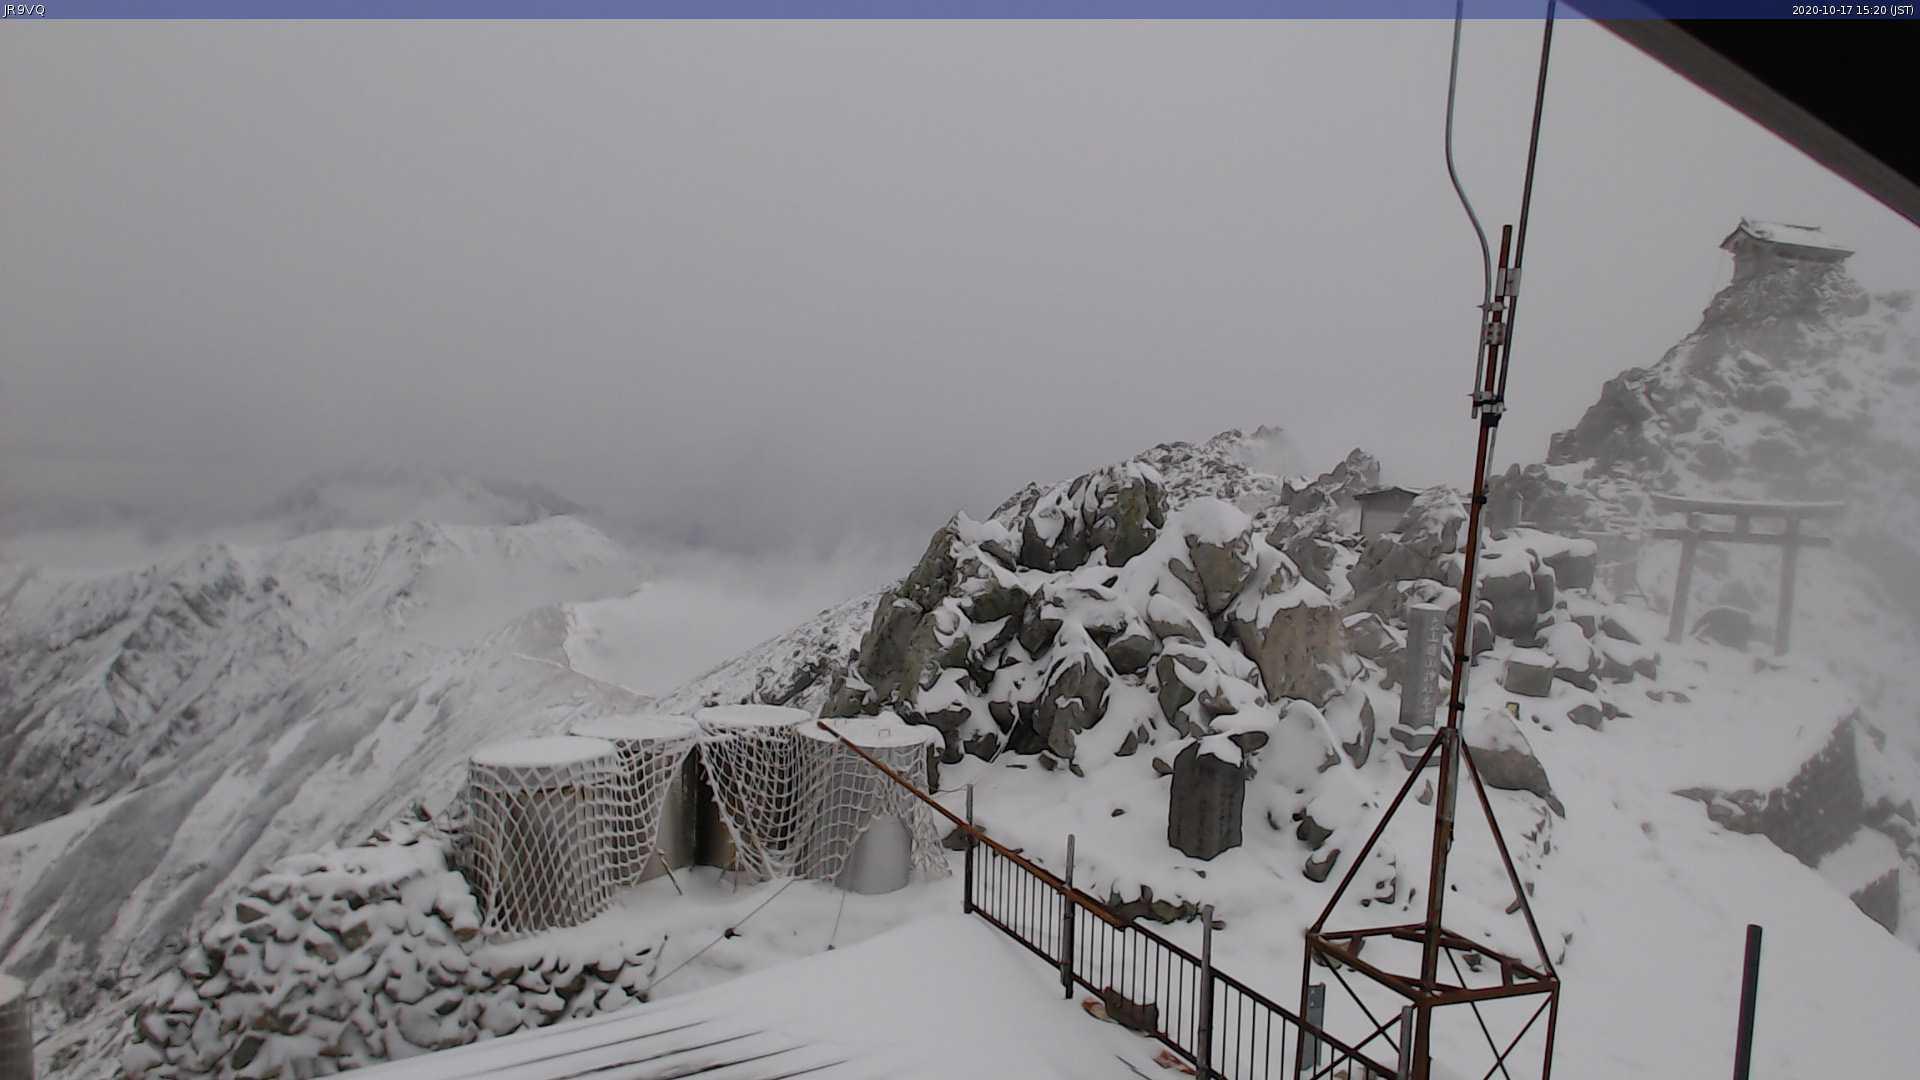 雪だぜ・・・!!_a0119132_15415354.jpg